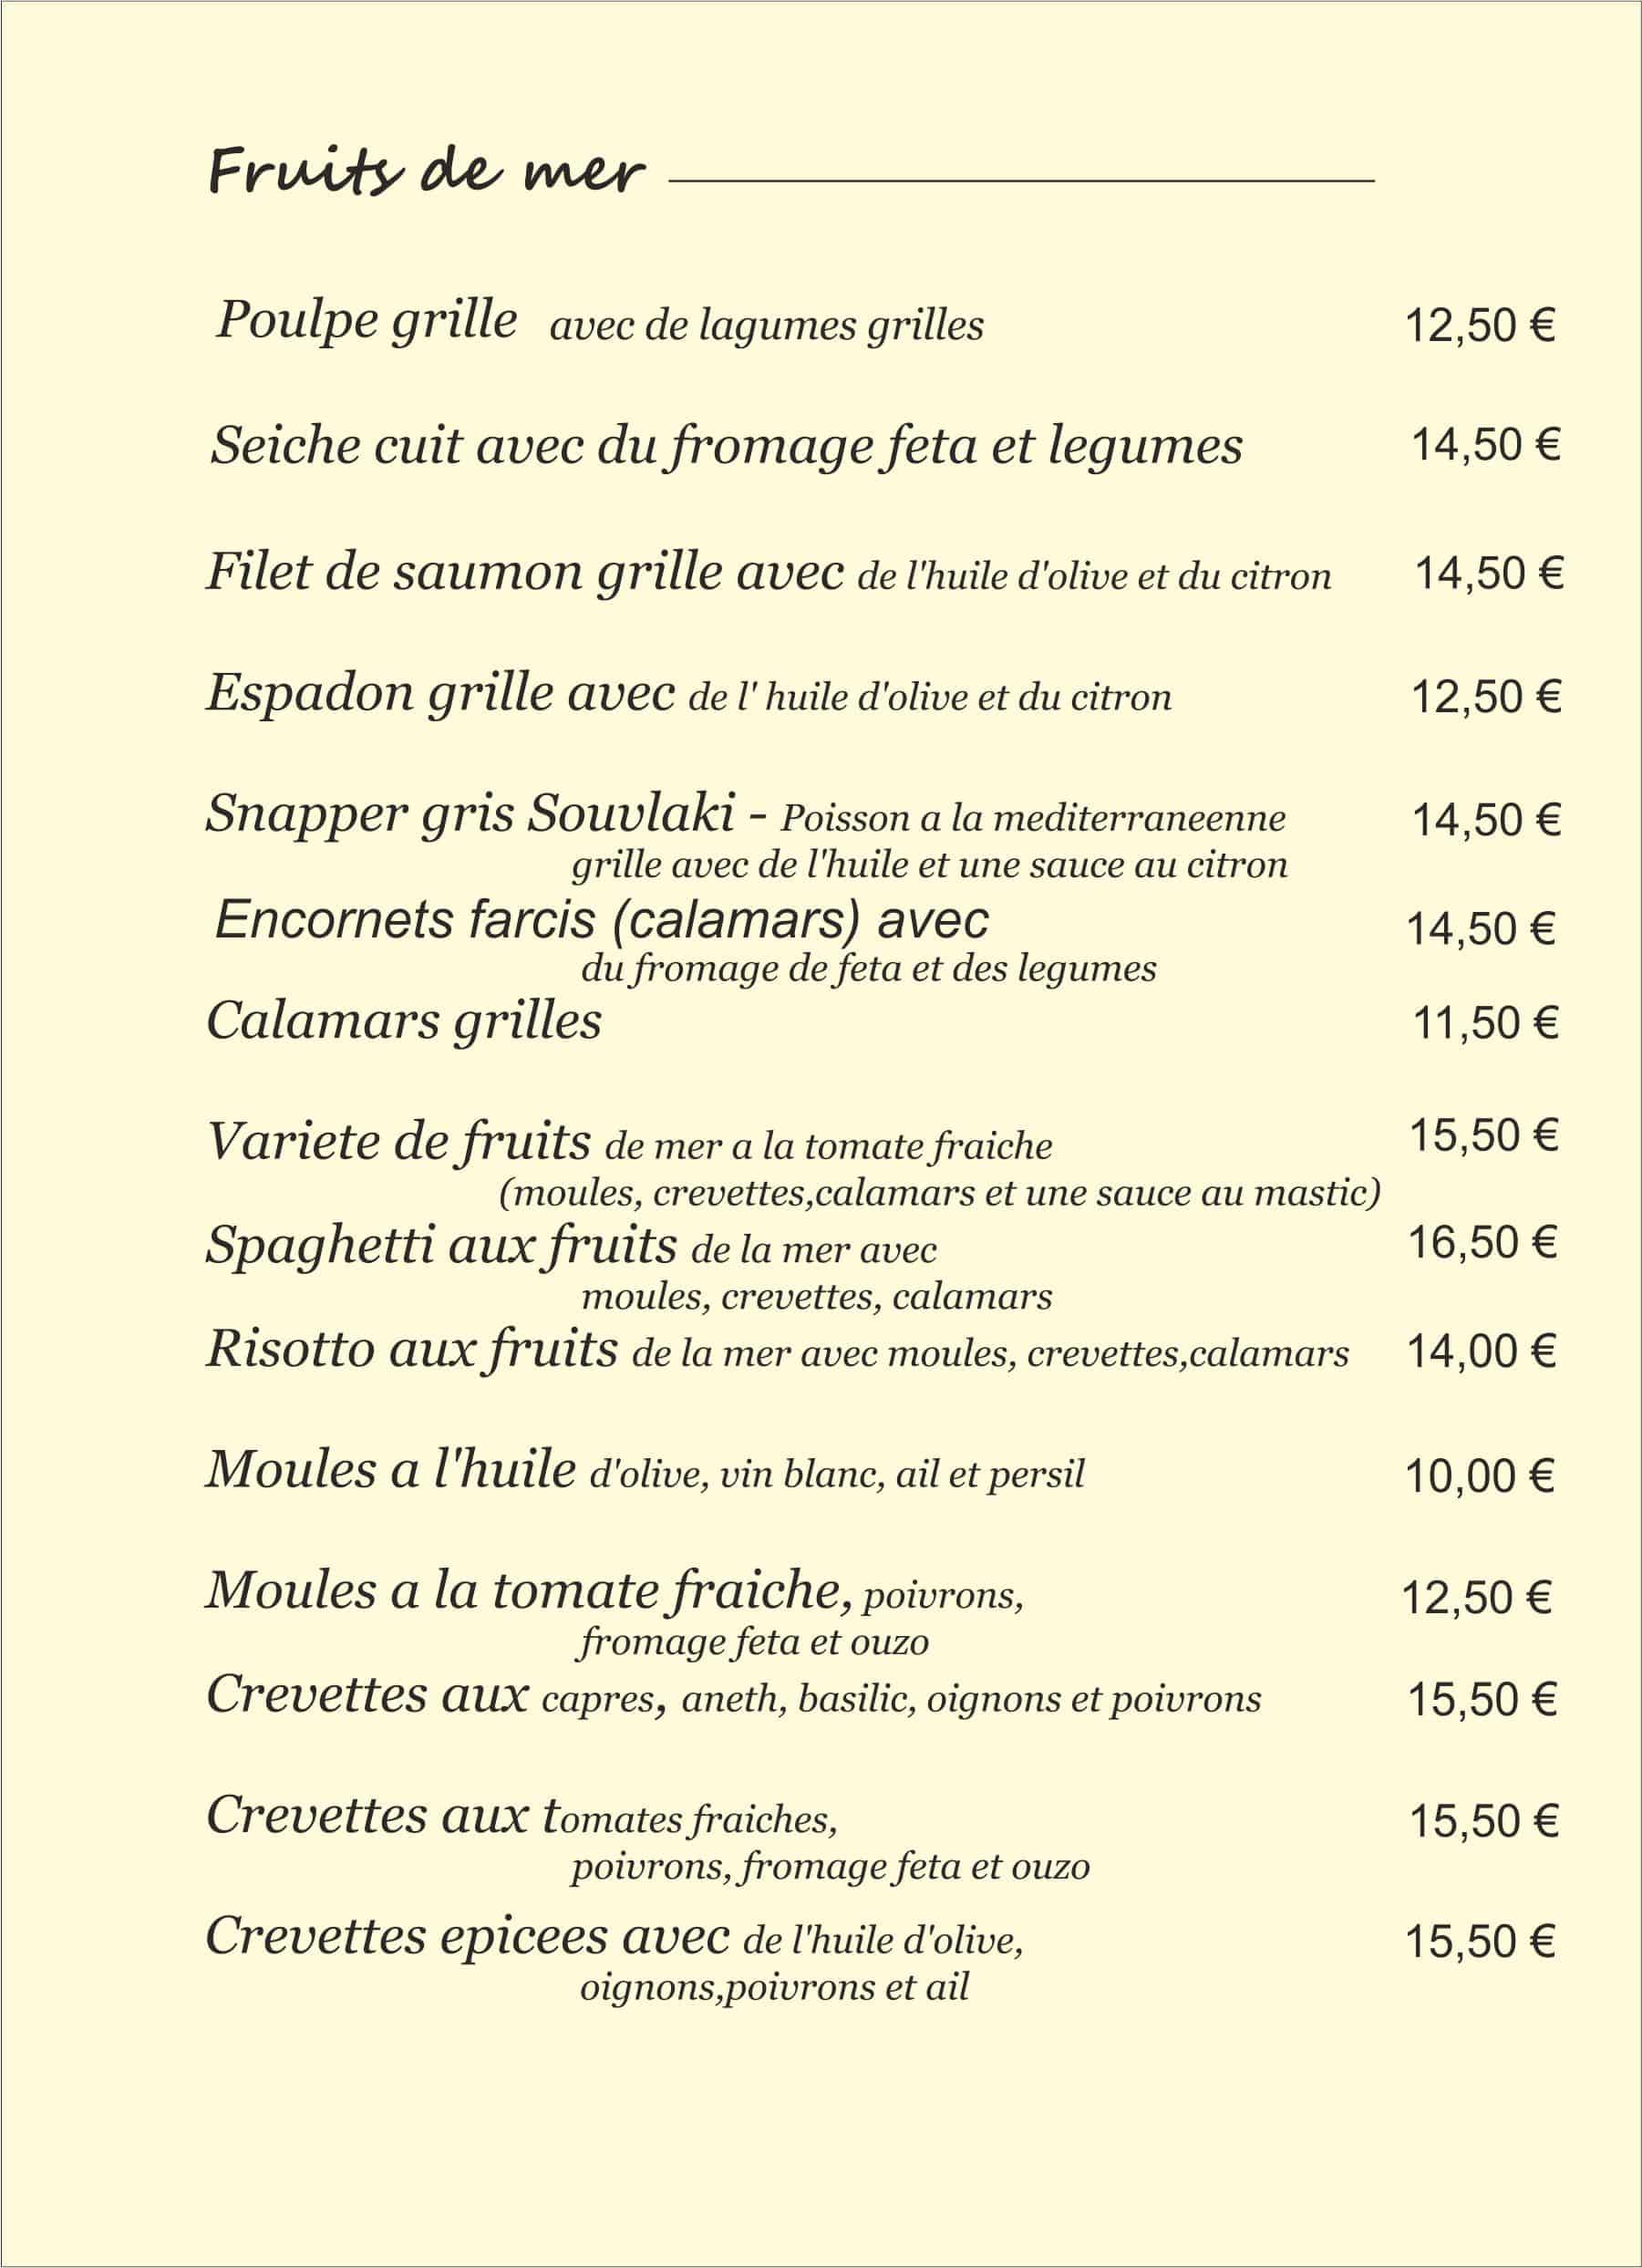 https://santorinikapari.gr/wp-content/uploads/2017/05/katalog-17-fruits-de-mer-fr.jpg